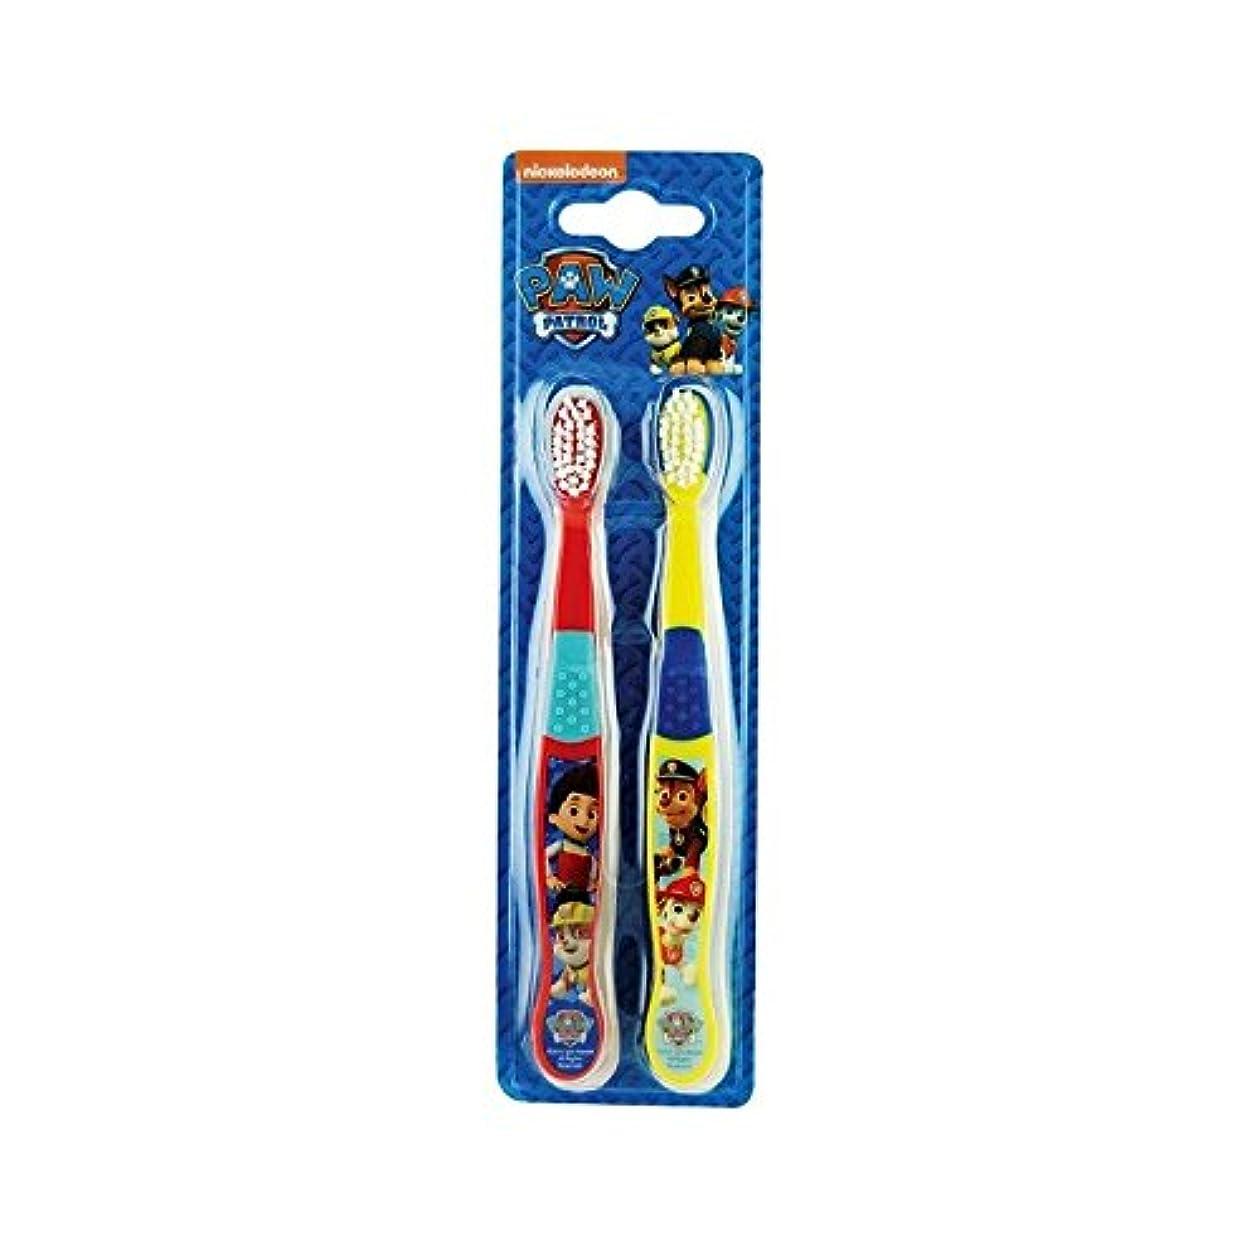 どきどき冗談でセクション1パックツイン歯ブラシ2 (Paw Patrol) - Paw Patrol Twin Toothbrush 2 per pack [並行輸入品]